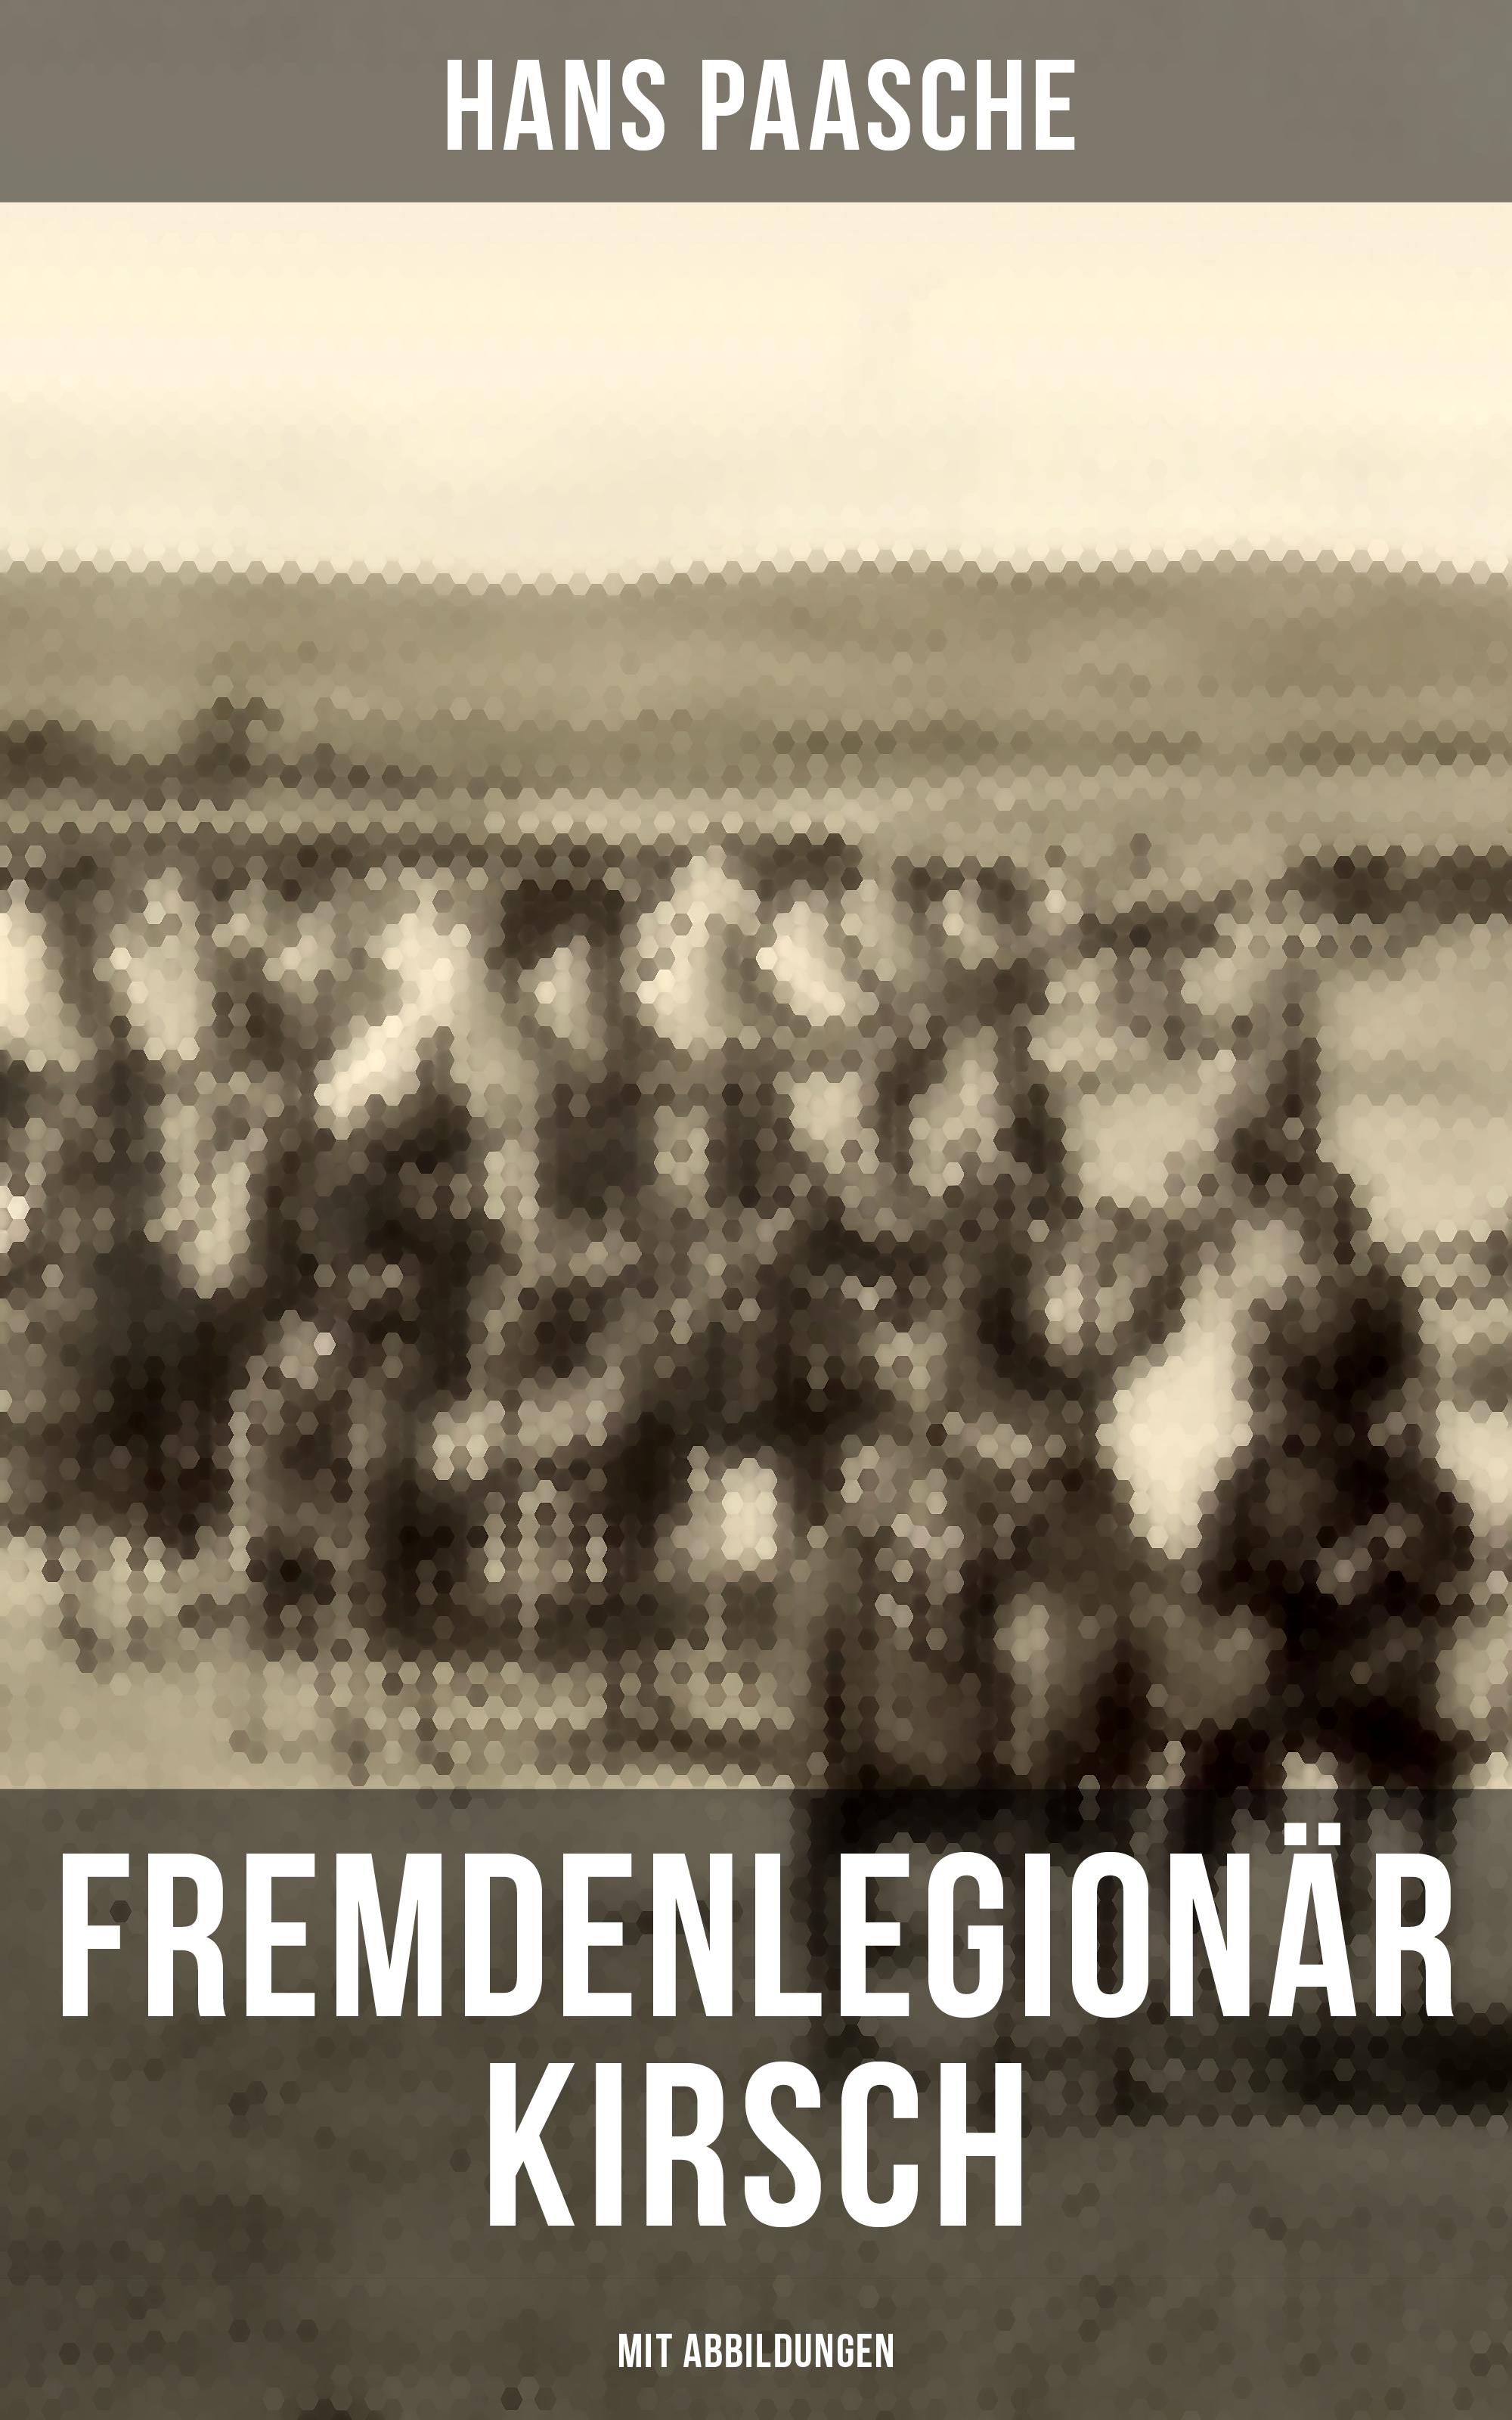 Hans Paasche Fremdenlegionär Kirsch (Mit Abbildungen)